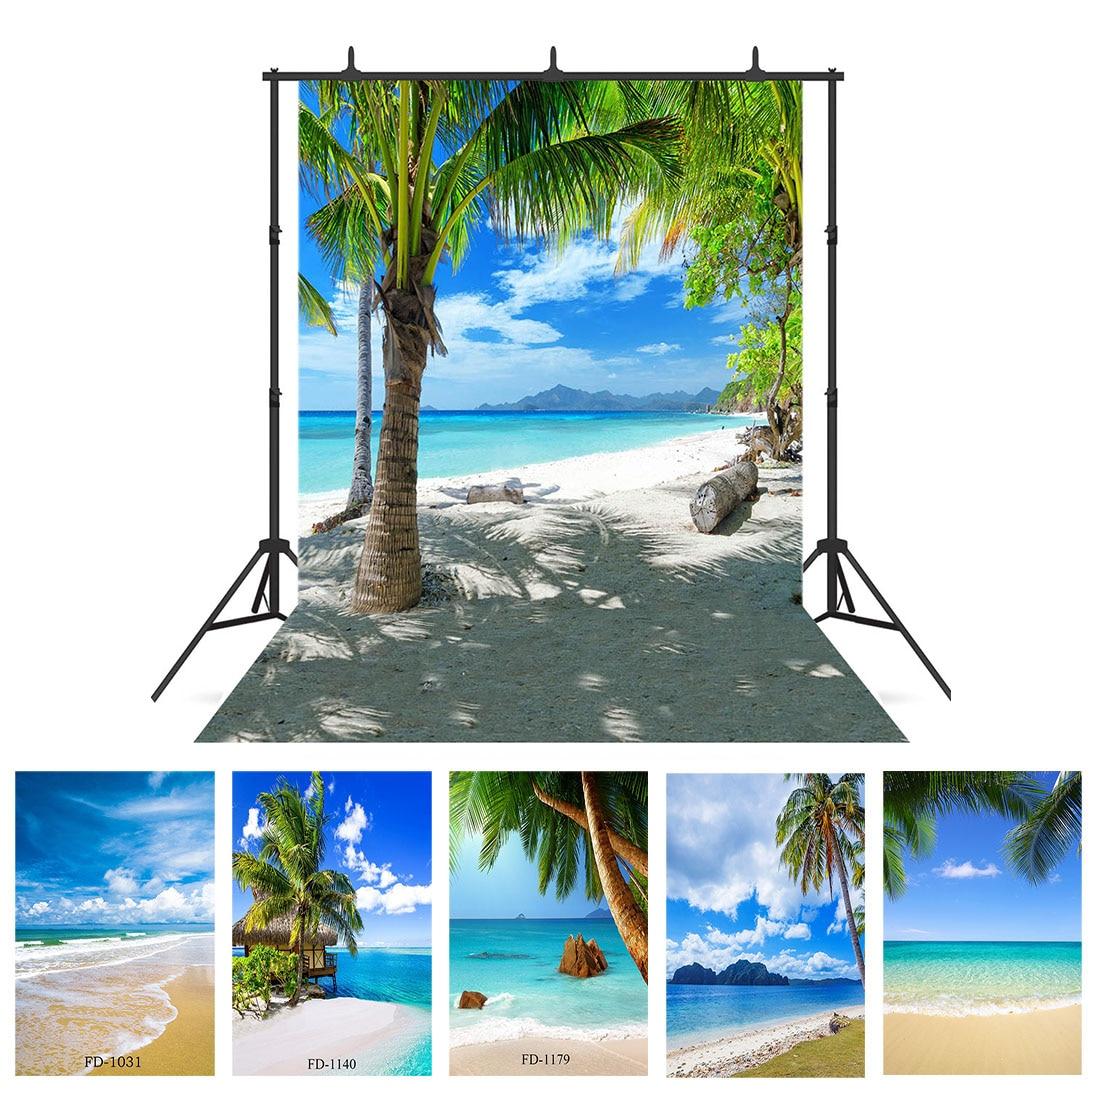 Фон для фотосъемки с изображением морского побережья пляжа пальмы реквизит для фотосъемки Свадебный детский виниловый тканевый фон для фо...